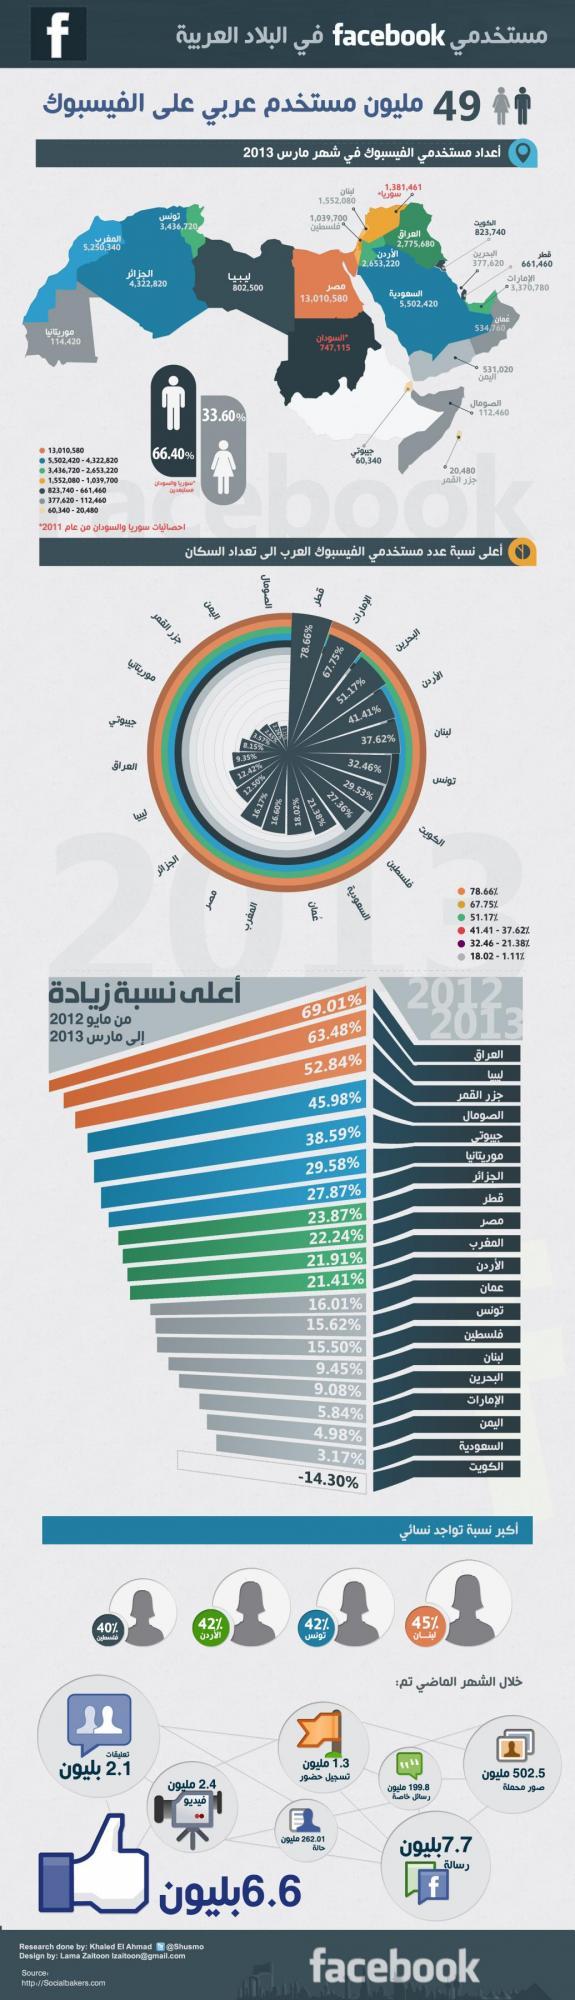 49 مليون عربي على الفيس بوك - انفوجرافيك.jpg